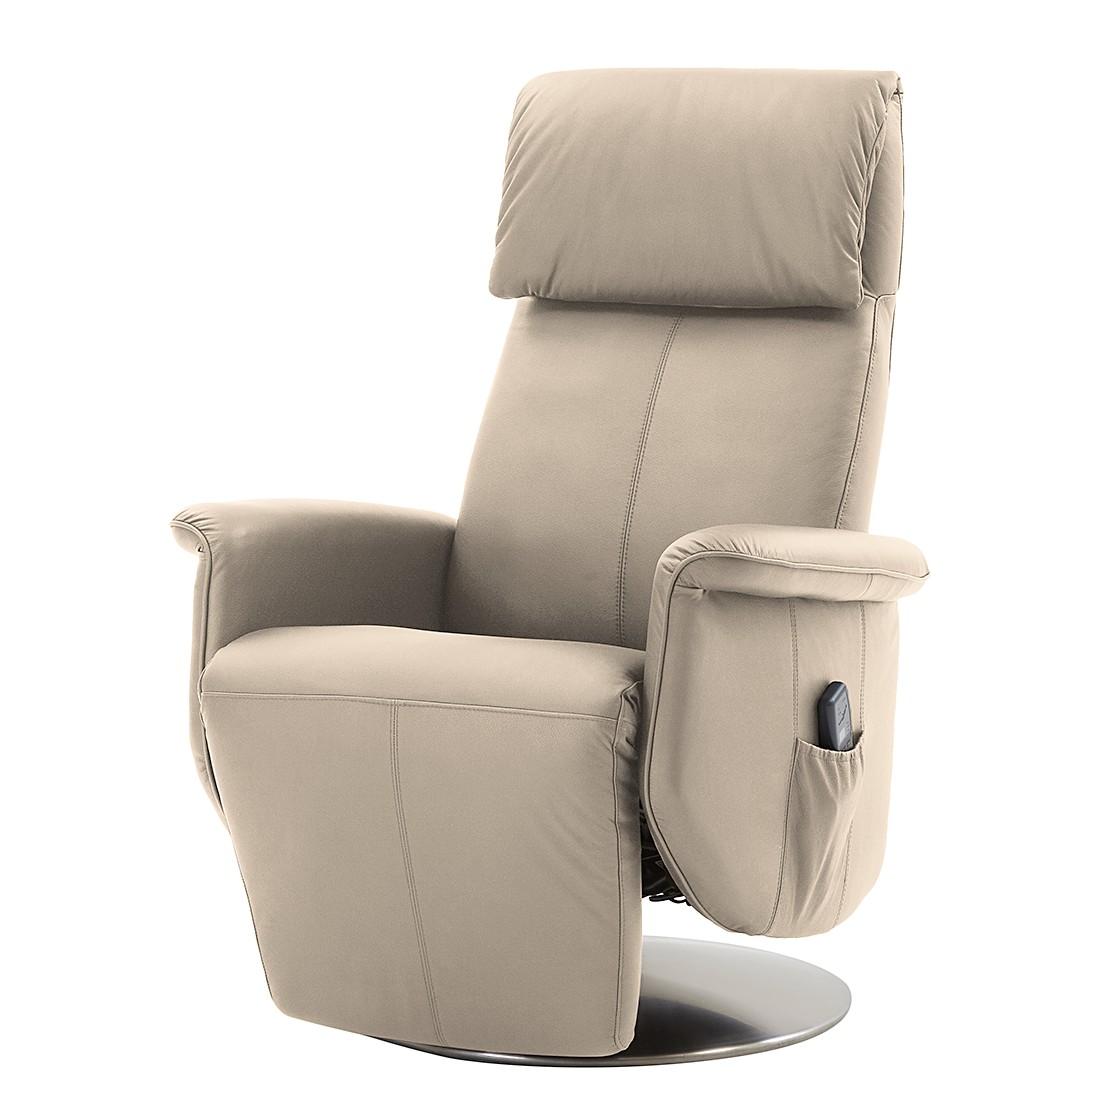 Sensuij imetec poltrona massaggiante prezzo e offerte for Poltrona massaggiante amazon